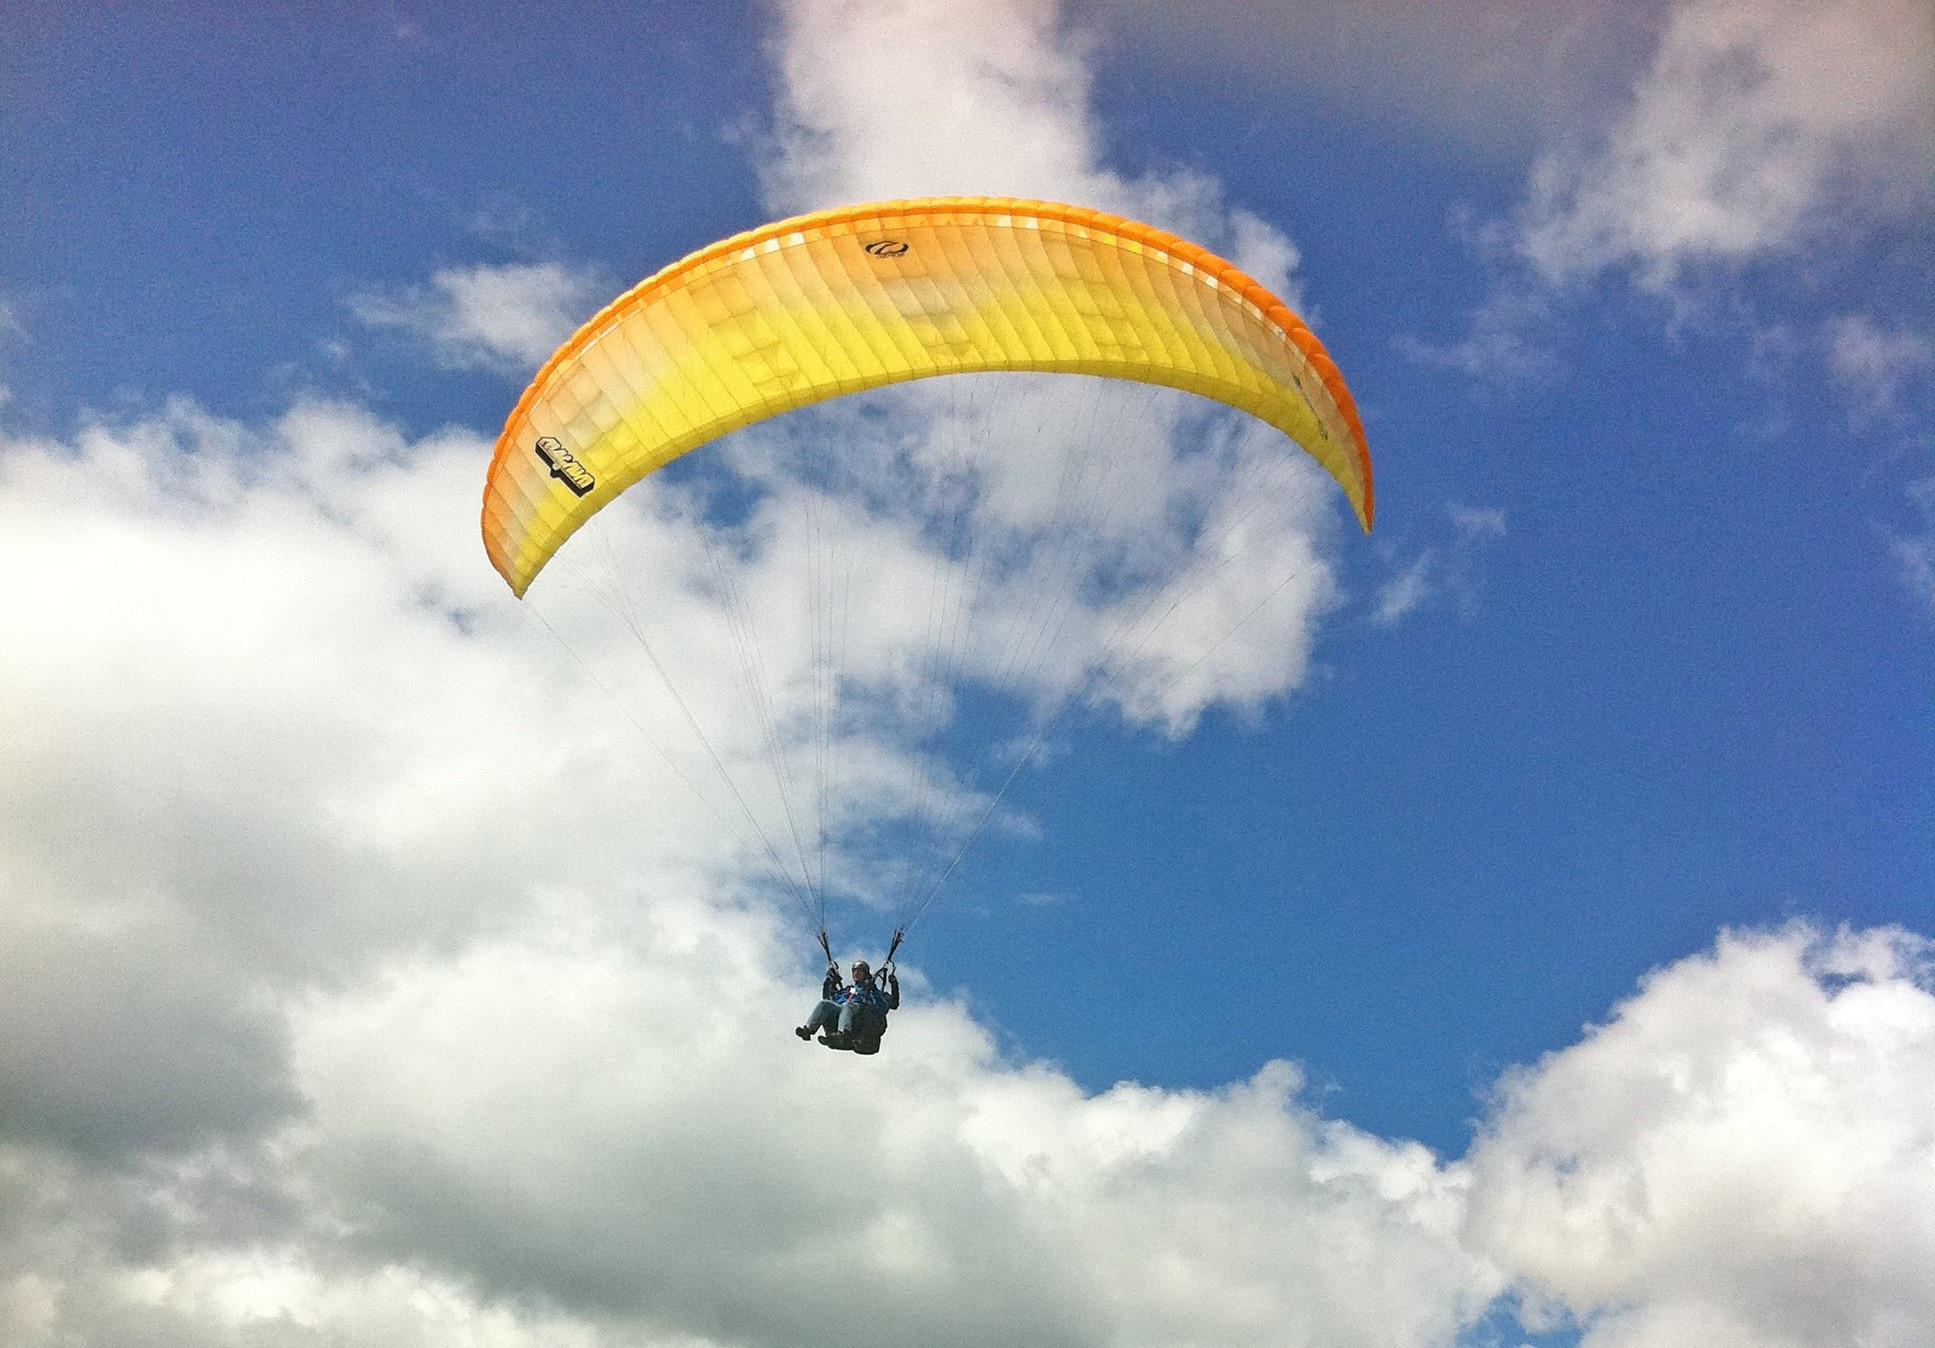 flugschule-diemtigtal-paragliding-lernen-fliegstunden